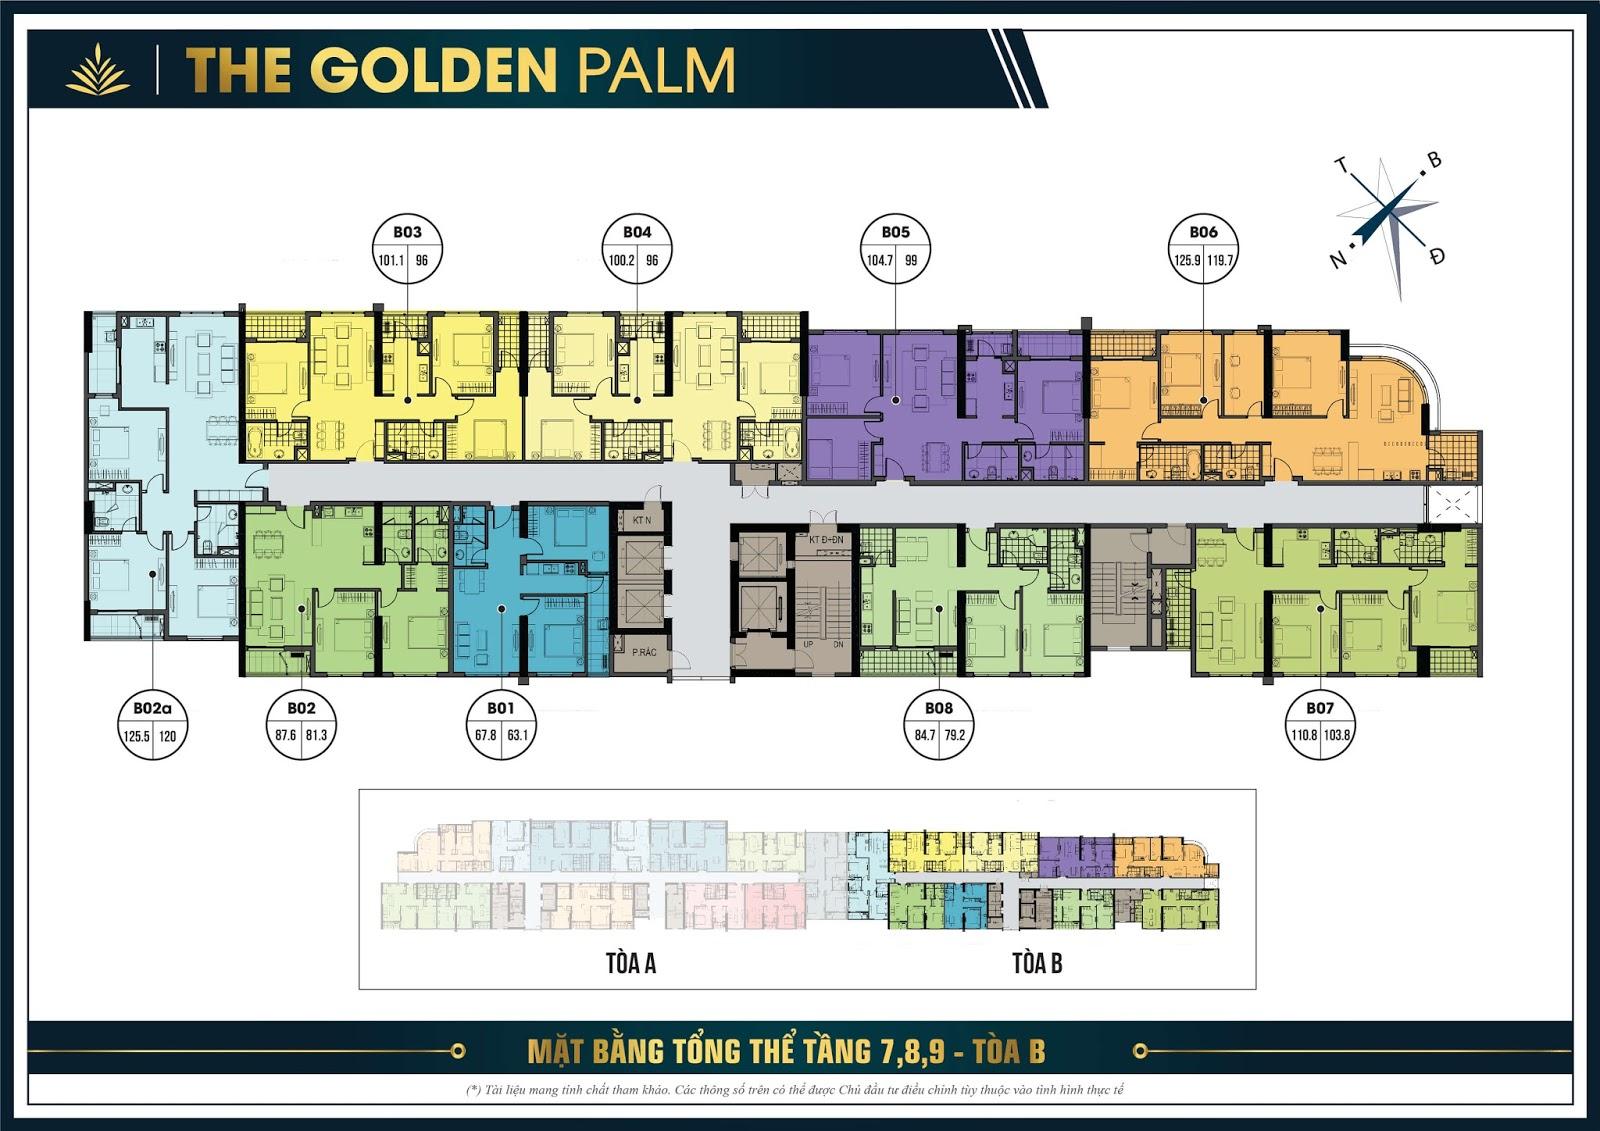 Thiết kế mặt bằng căn hộ điển hình tầng 7, 8 và 9 tòa B - The Golden Palm